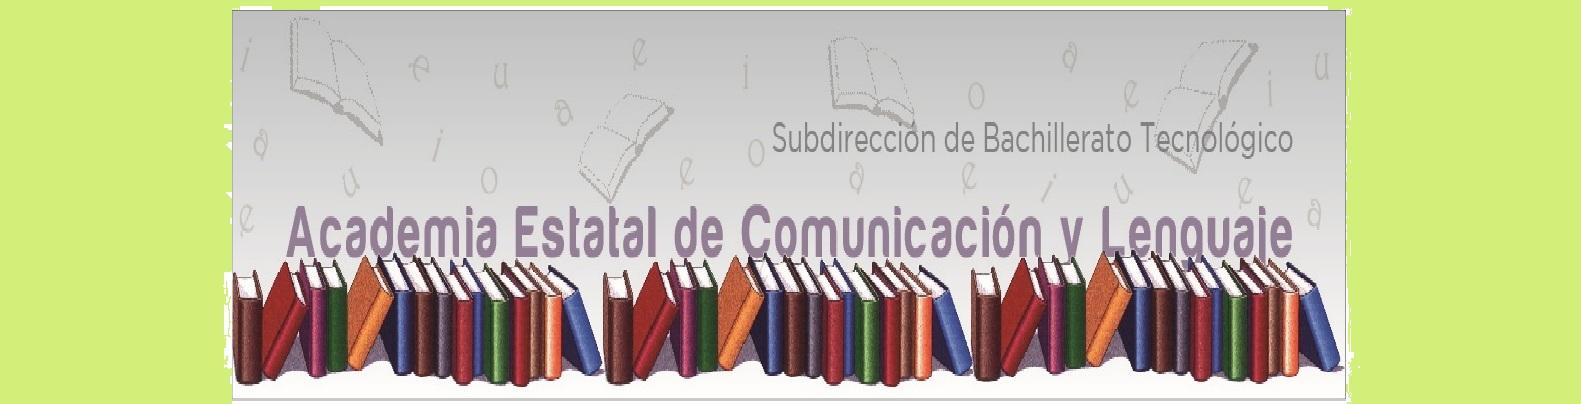 ACADEMIA ESTATAL DE COMUNICACION Y LENGUAJE